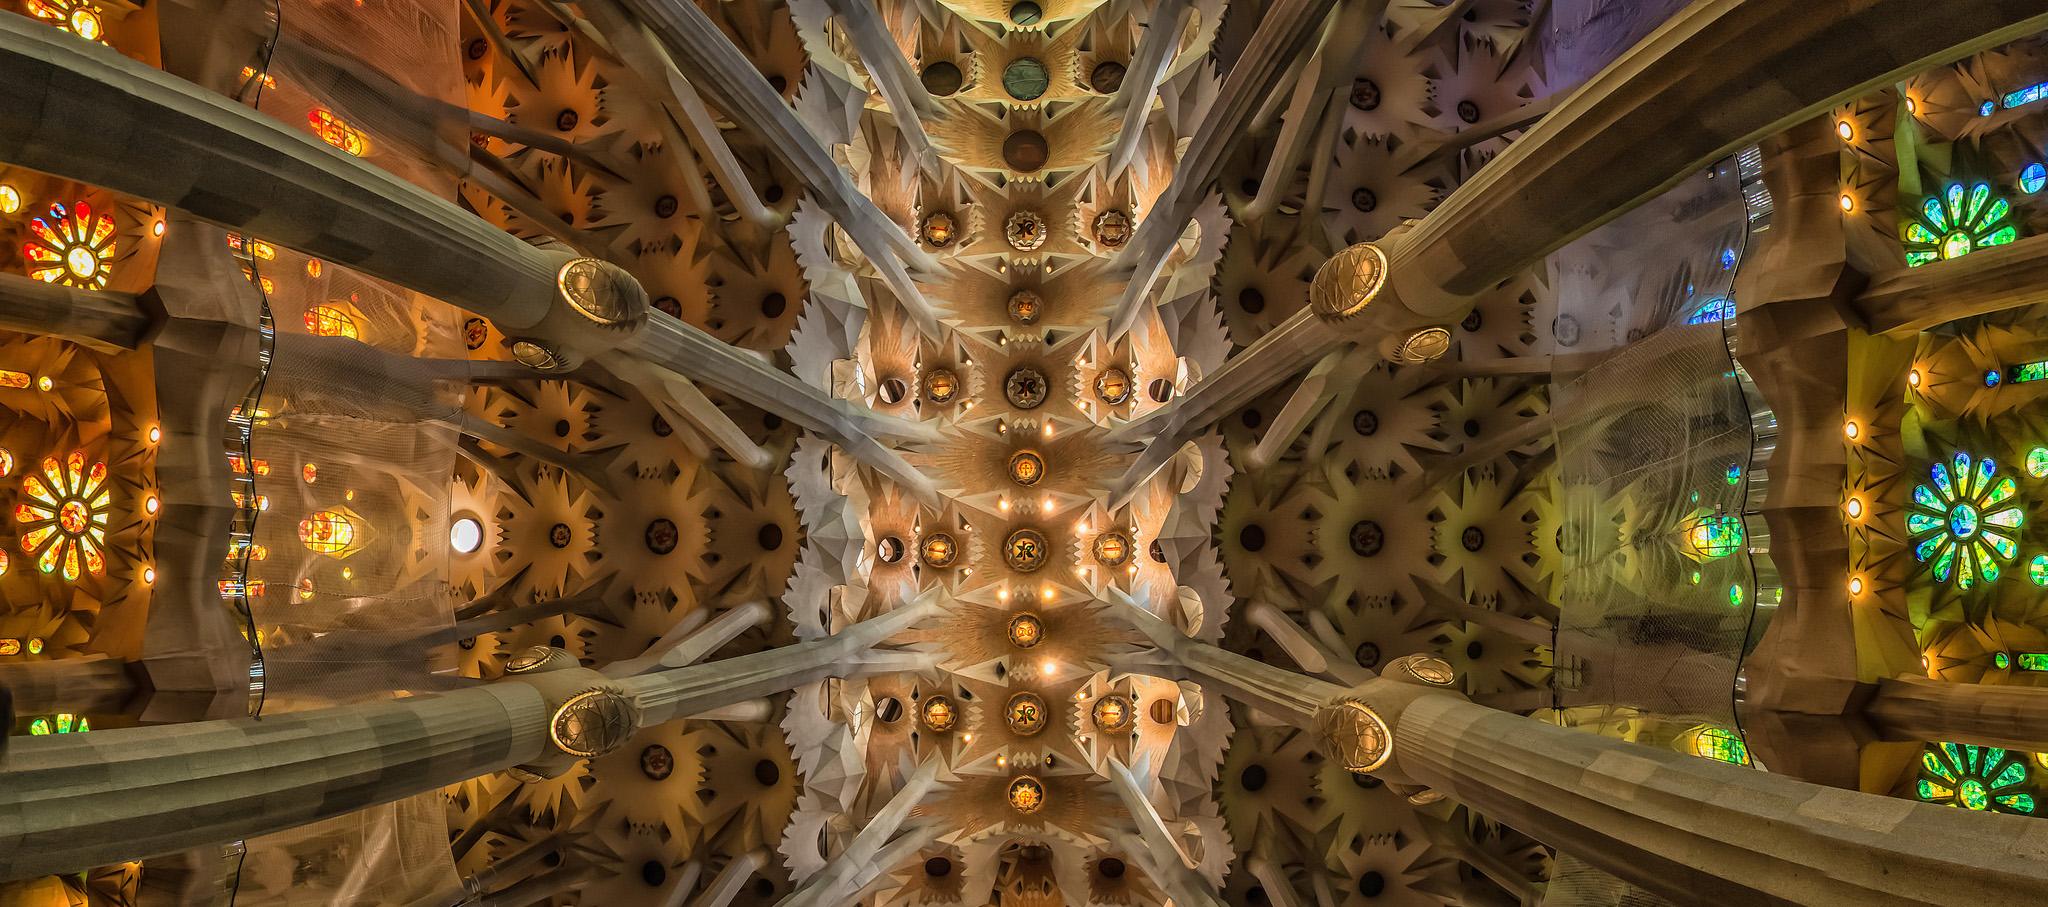 """Basilica """"La Sagrada Familia,"""" image via Haschelsax / Flickr"""